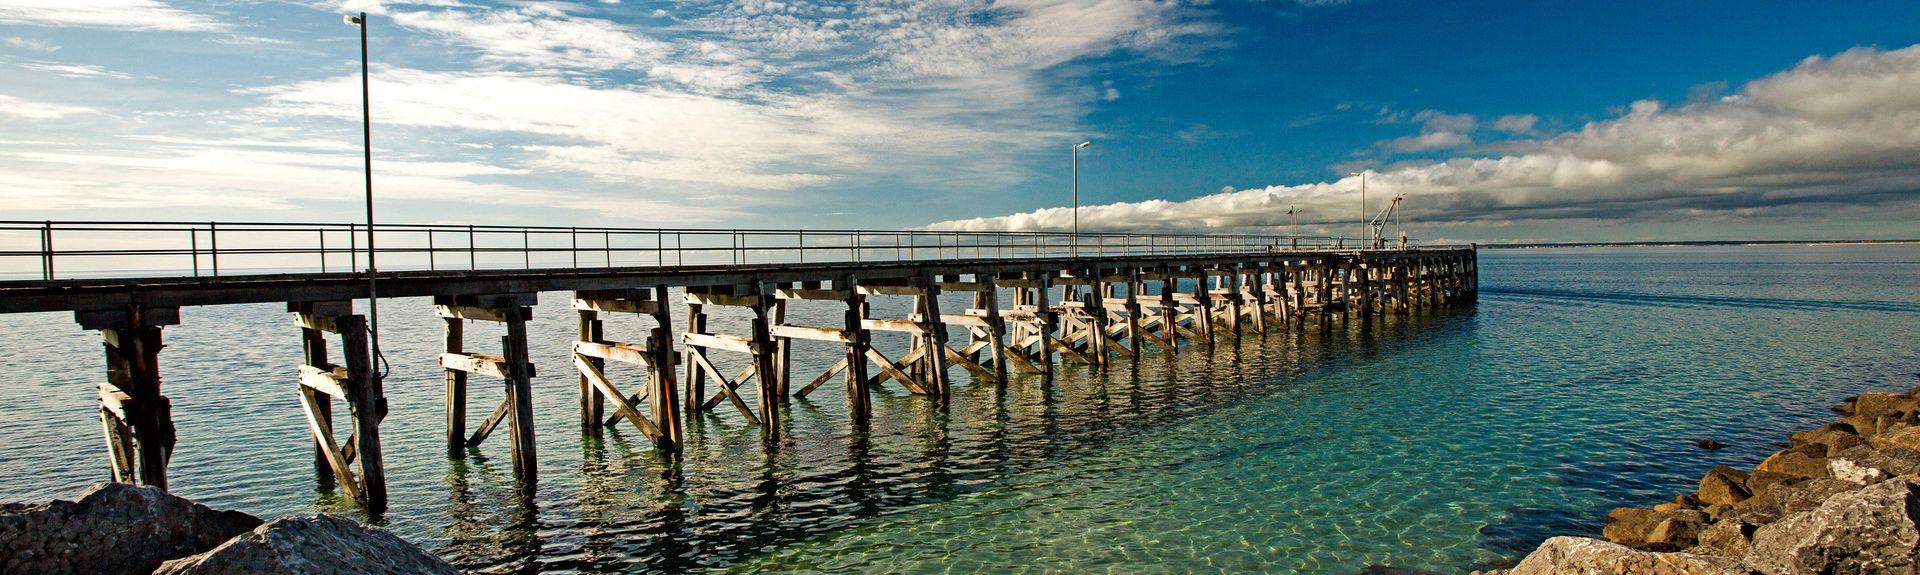 Point Turton SA, Australia